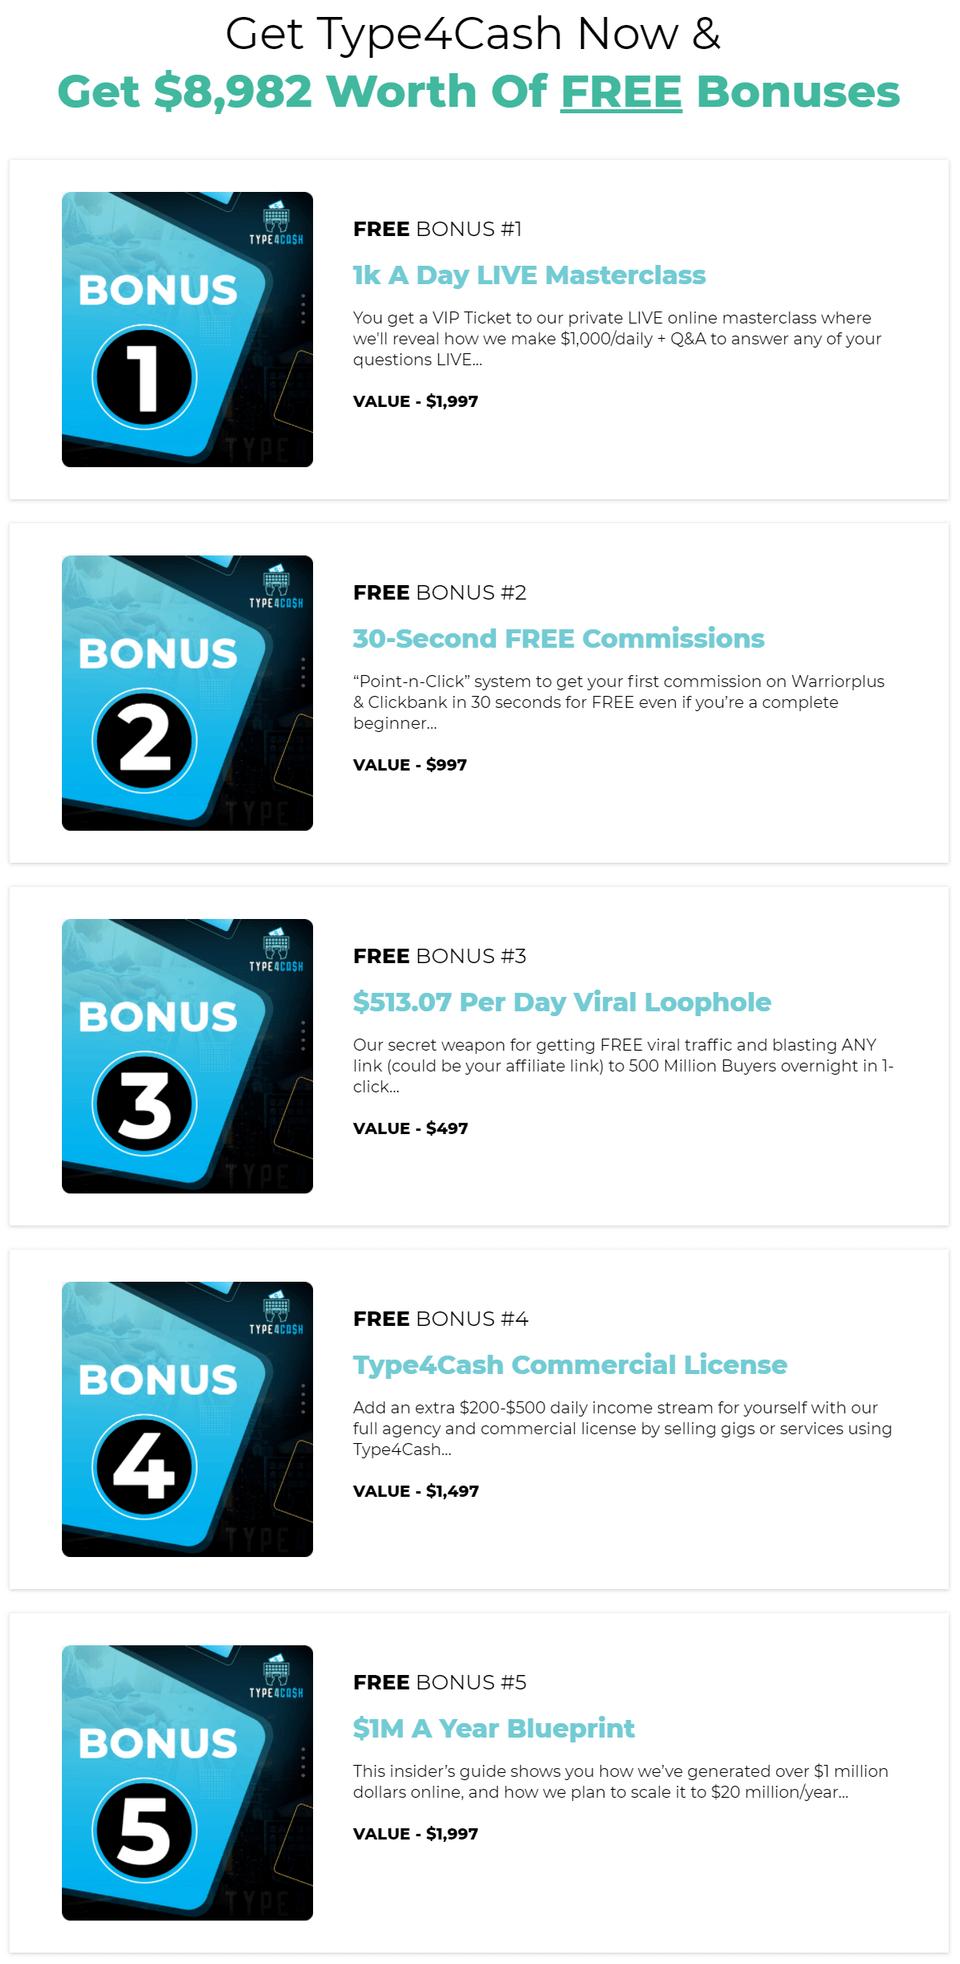 Type4Cash-bonus-1